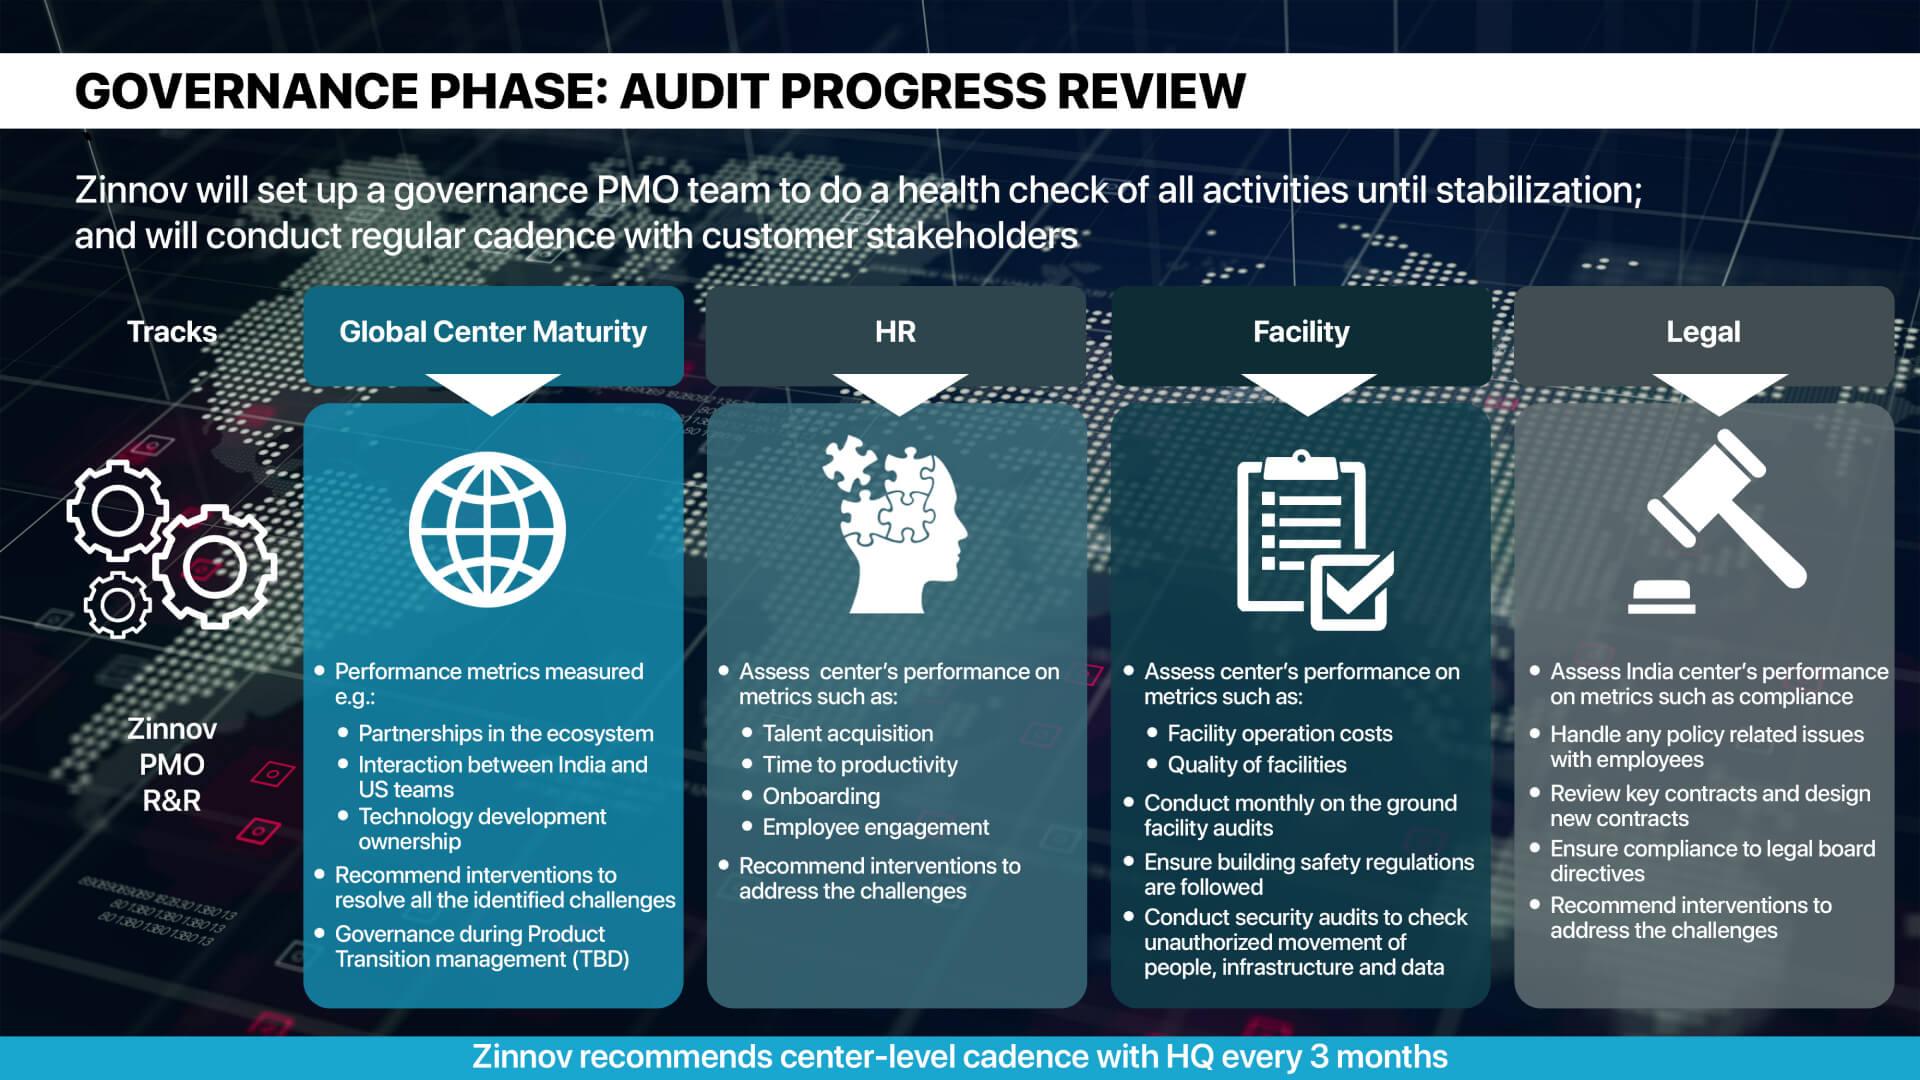 Governance Phase